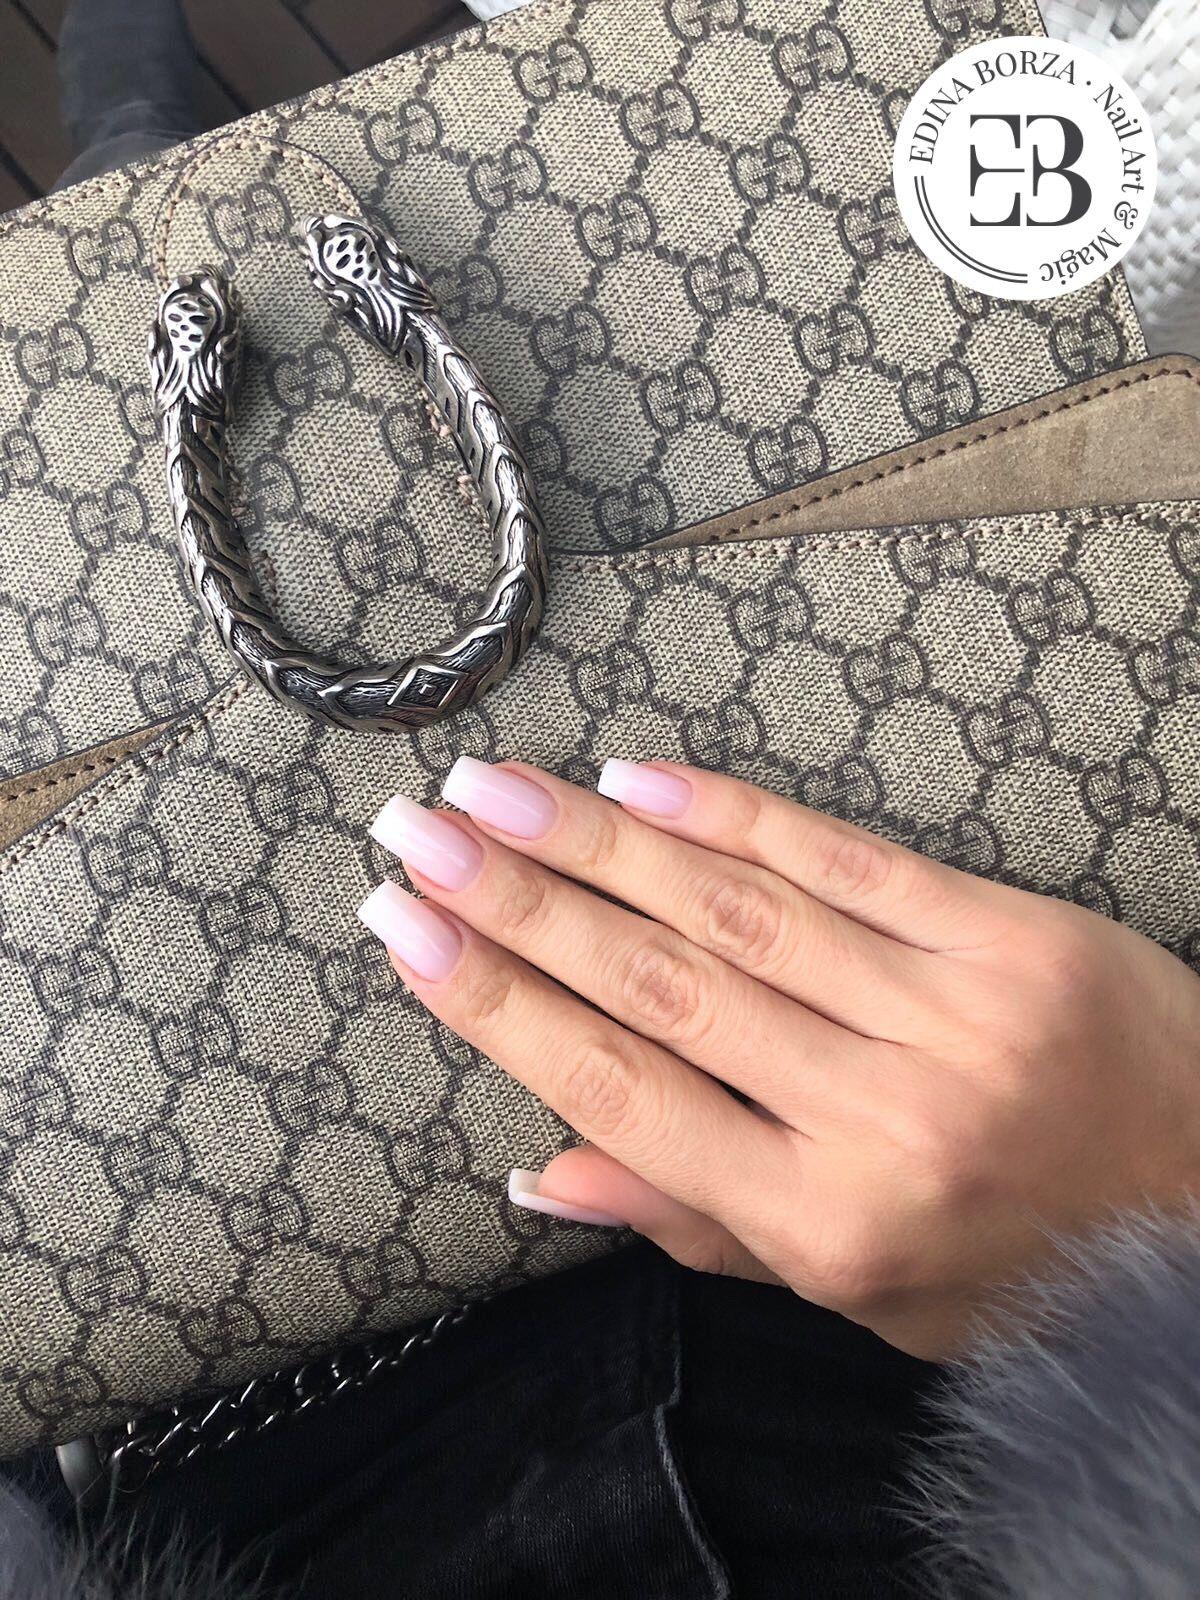 Soft nude babyboomer natural nails 2018 spring summer | Nails Edina ...